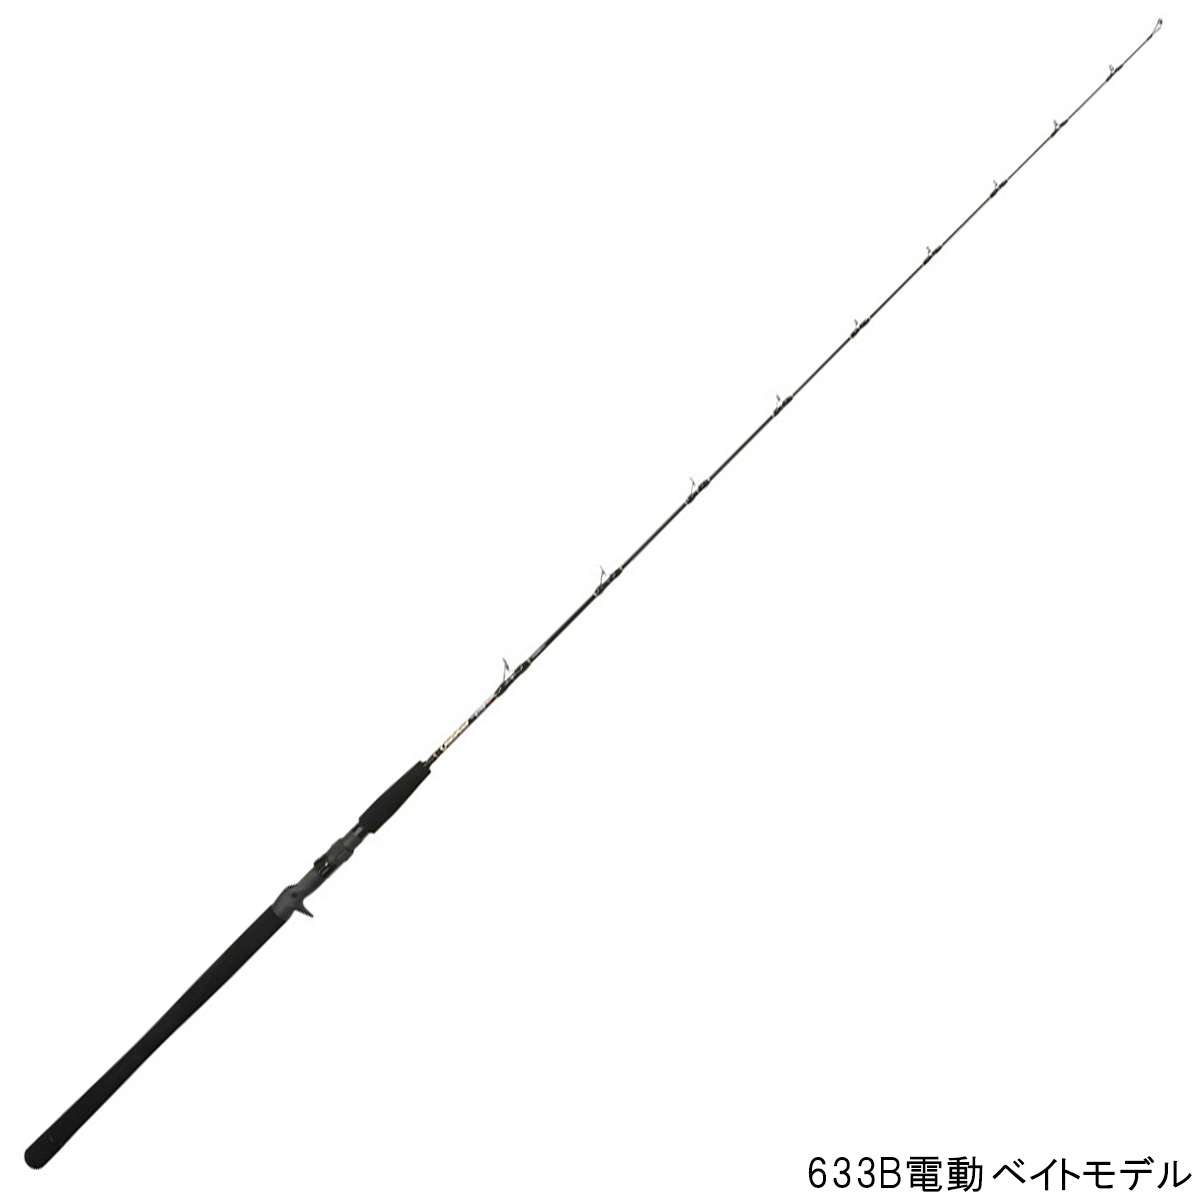 ヤマガブランクス ギャラハド 633B電動 ベイトモデル【大型商品】